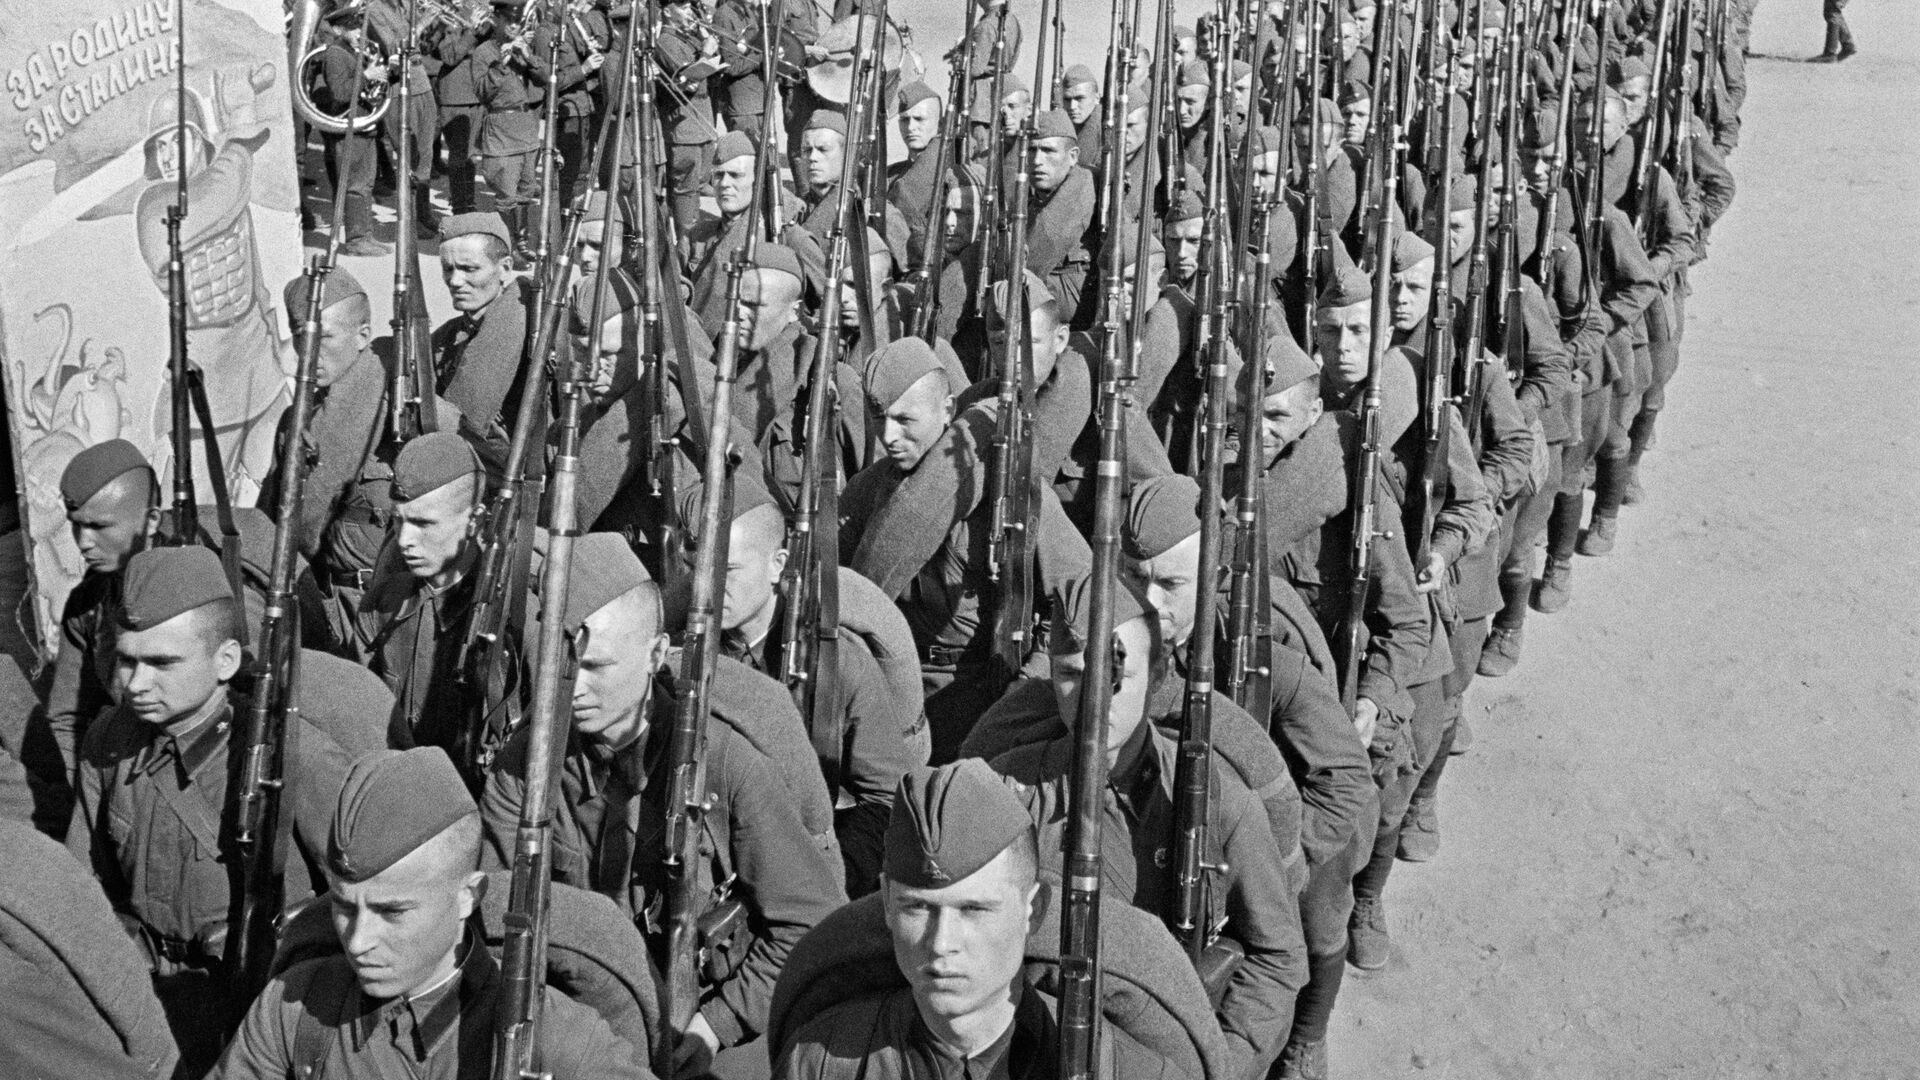 Мобилизация. Колонны бойцов движутся на фронт. Москва, 23 июня 1941 года - РИА Новости, 1920, 19.06.2020